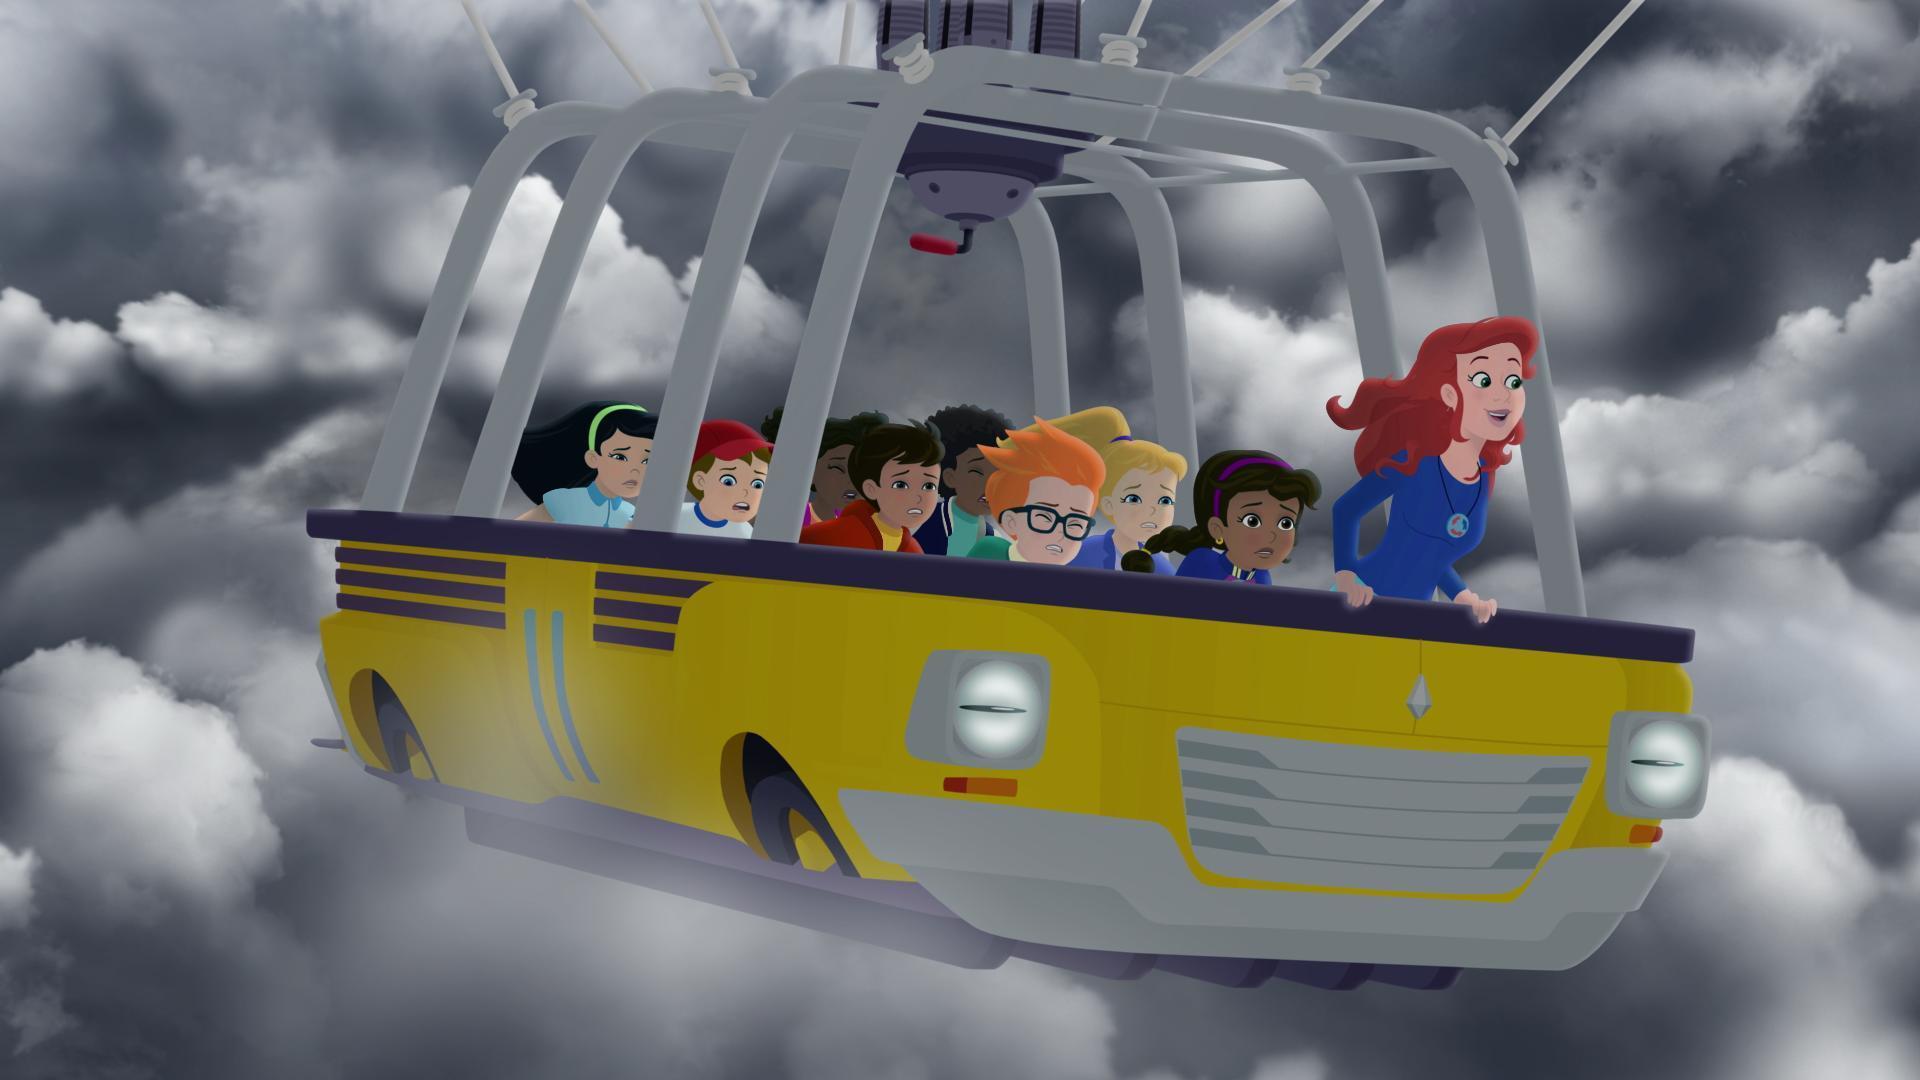 El autobús mágico vuelve a despegar: La conexión Frizz